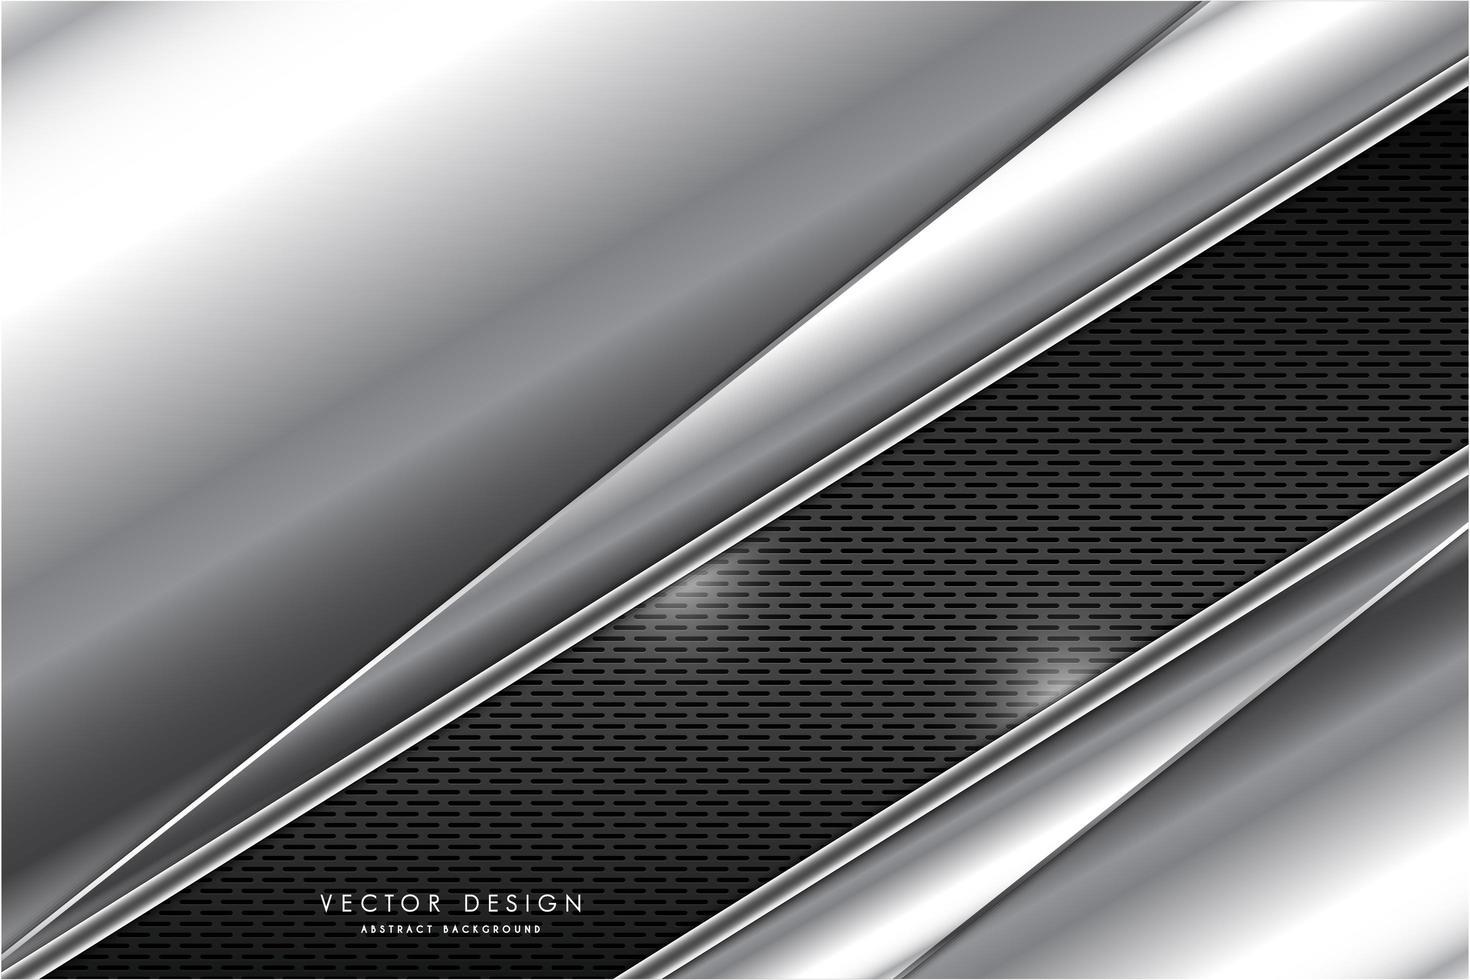 piatti angolati in argento metallizzato su struttura a griglia grigia vettore